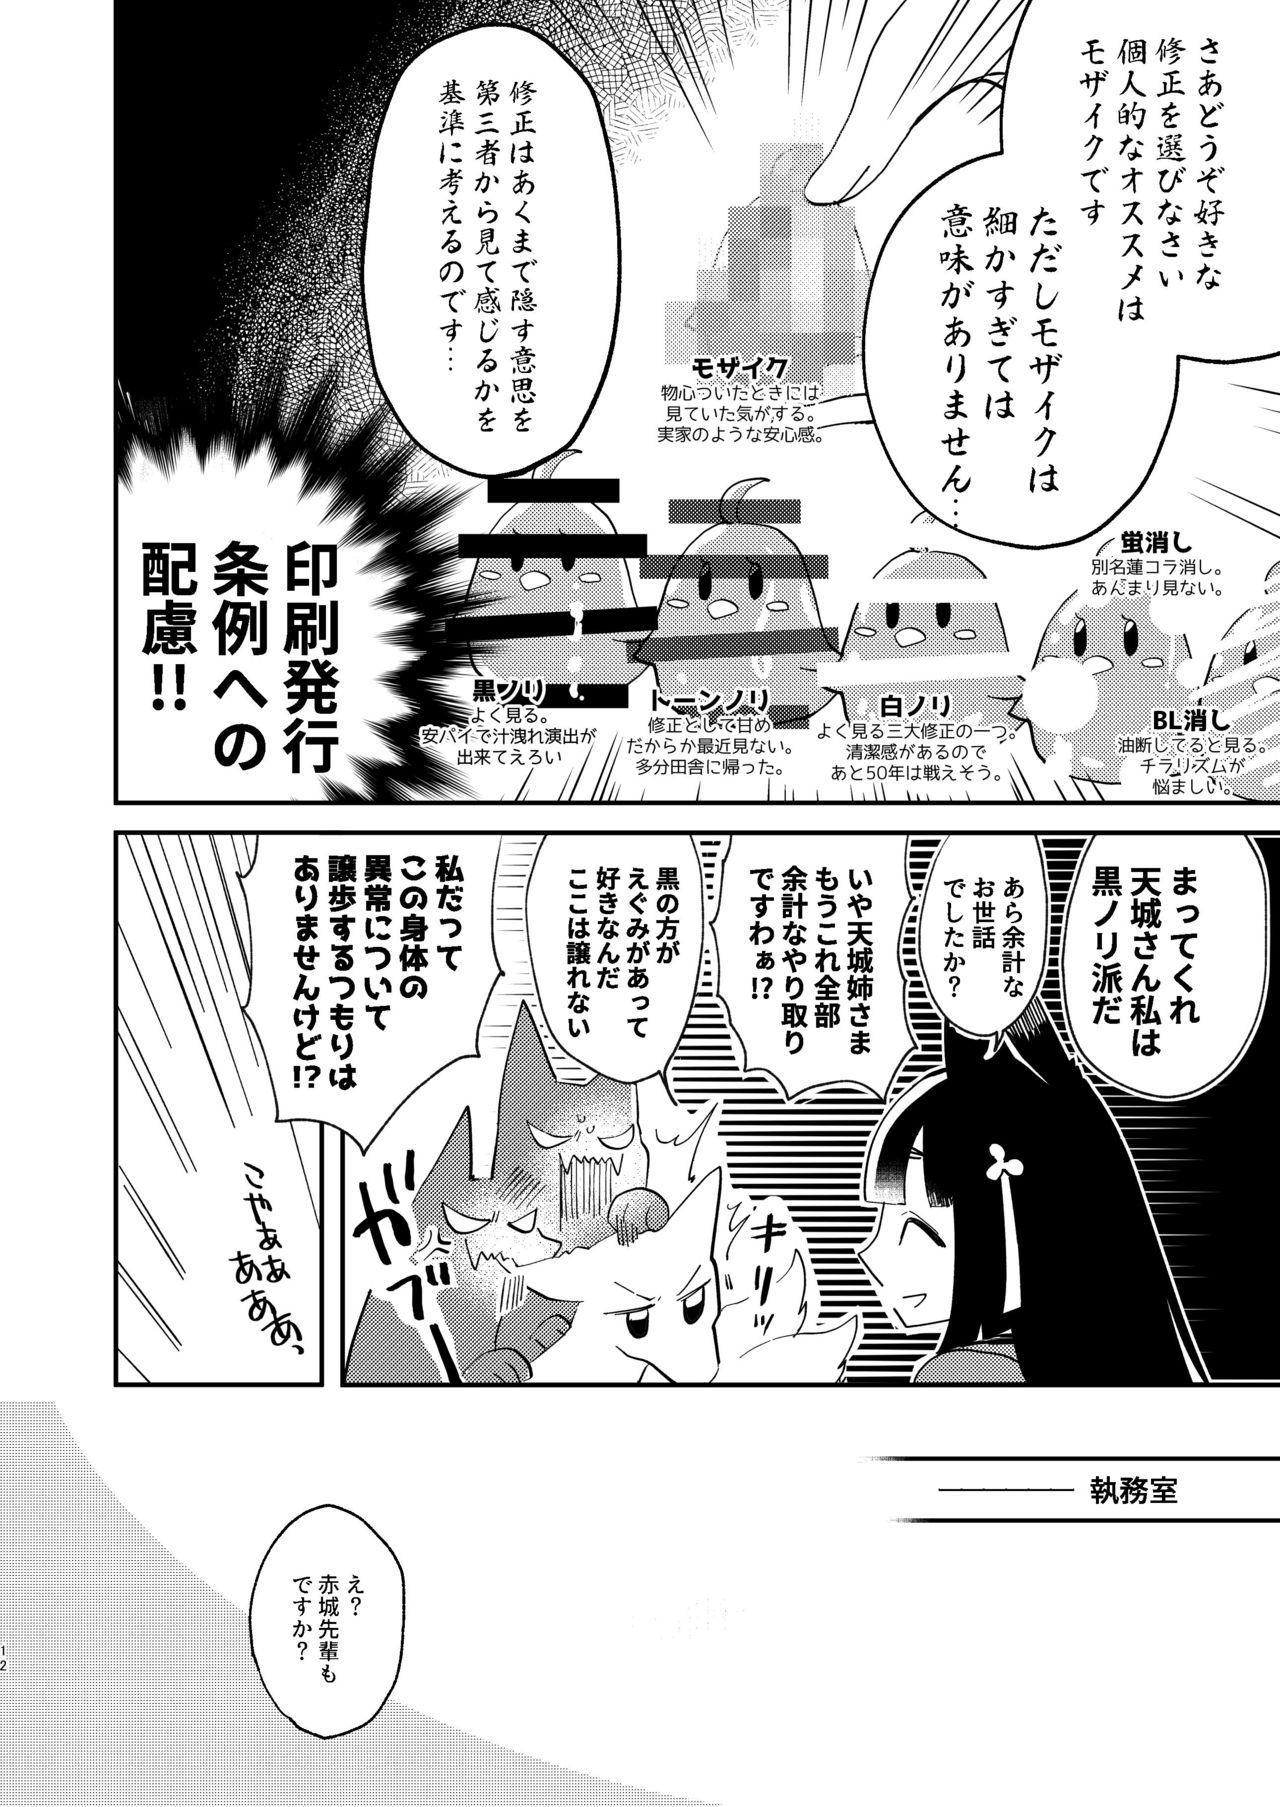 Kitai no Shisugi wa Kinmotsu desu! - Sticks are not necessarily buff 10